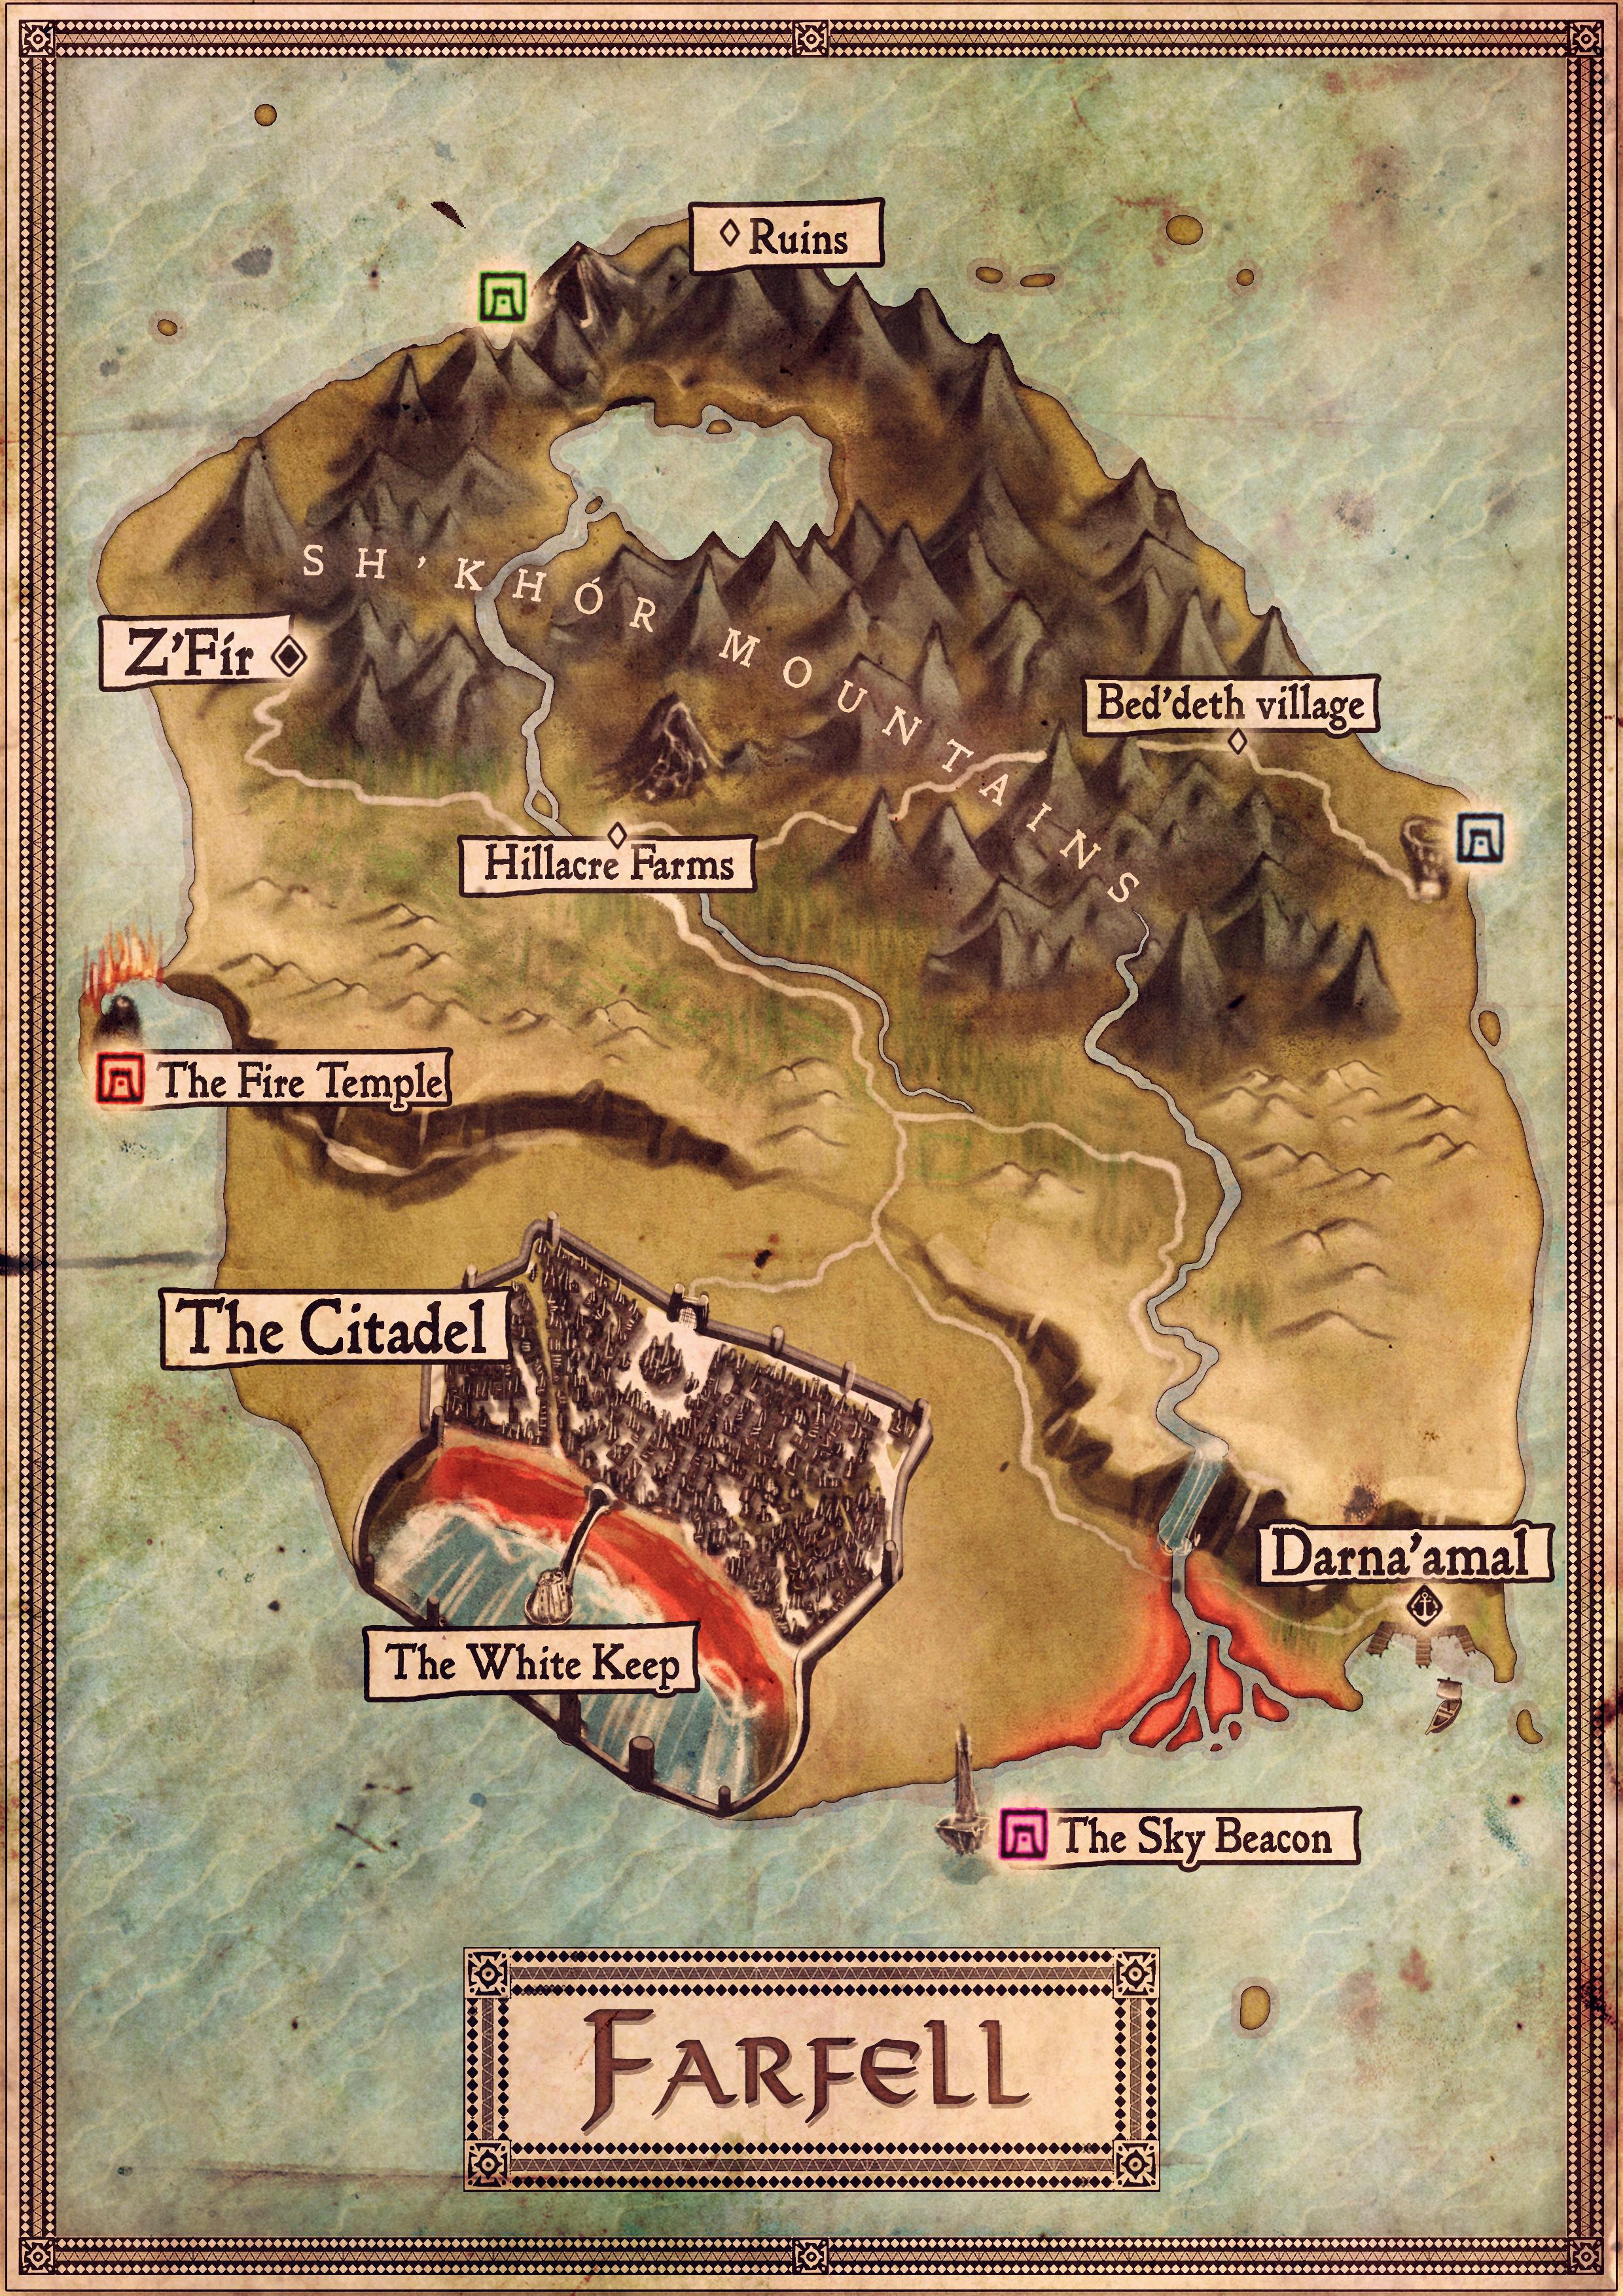 Map of Farfell